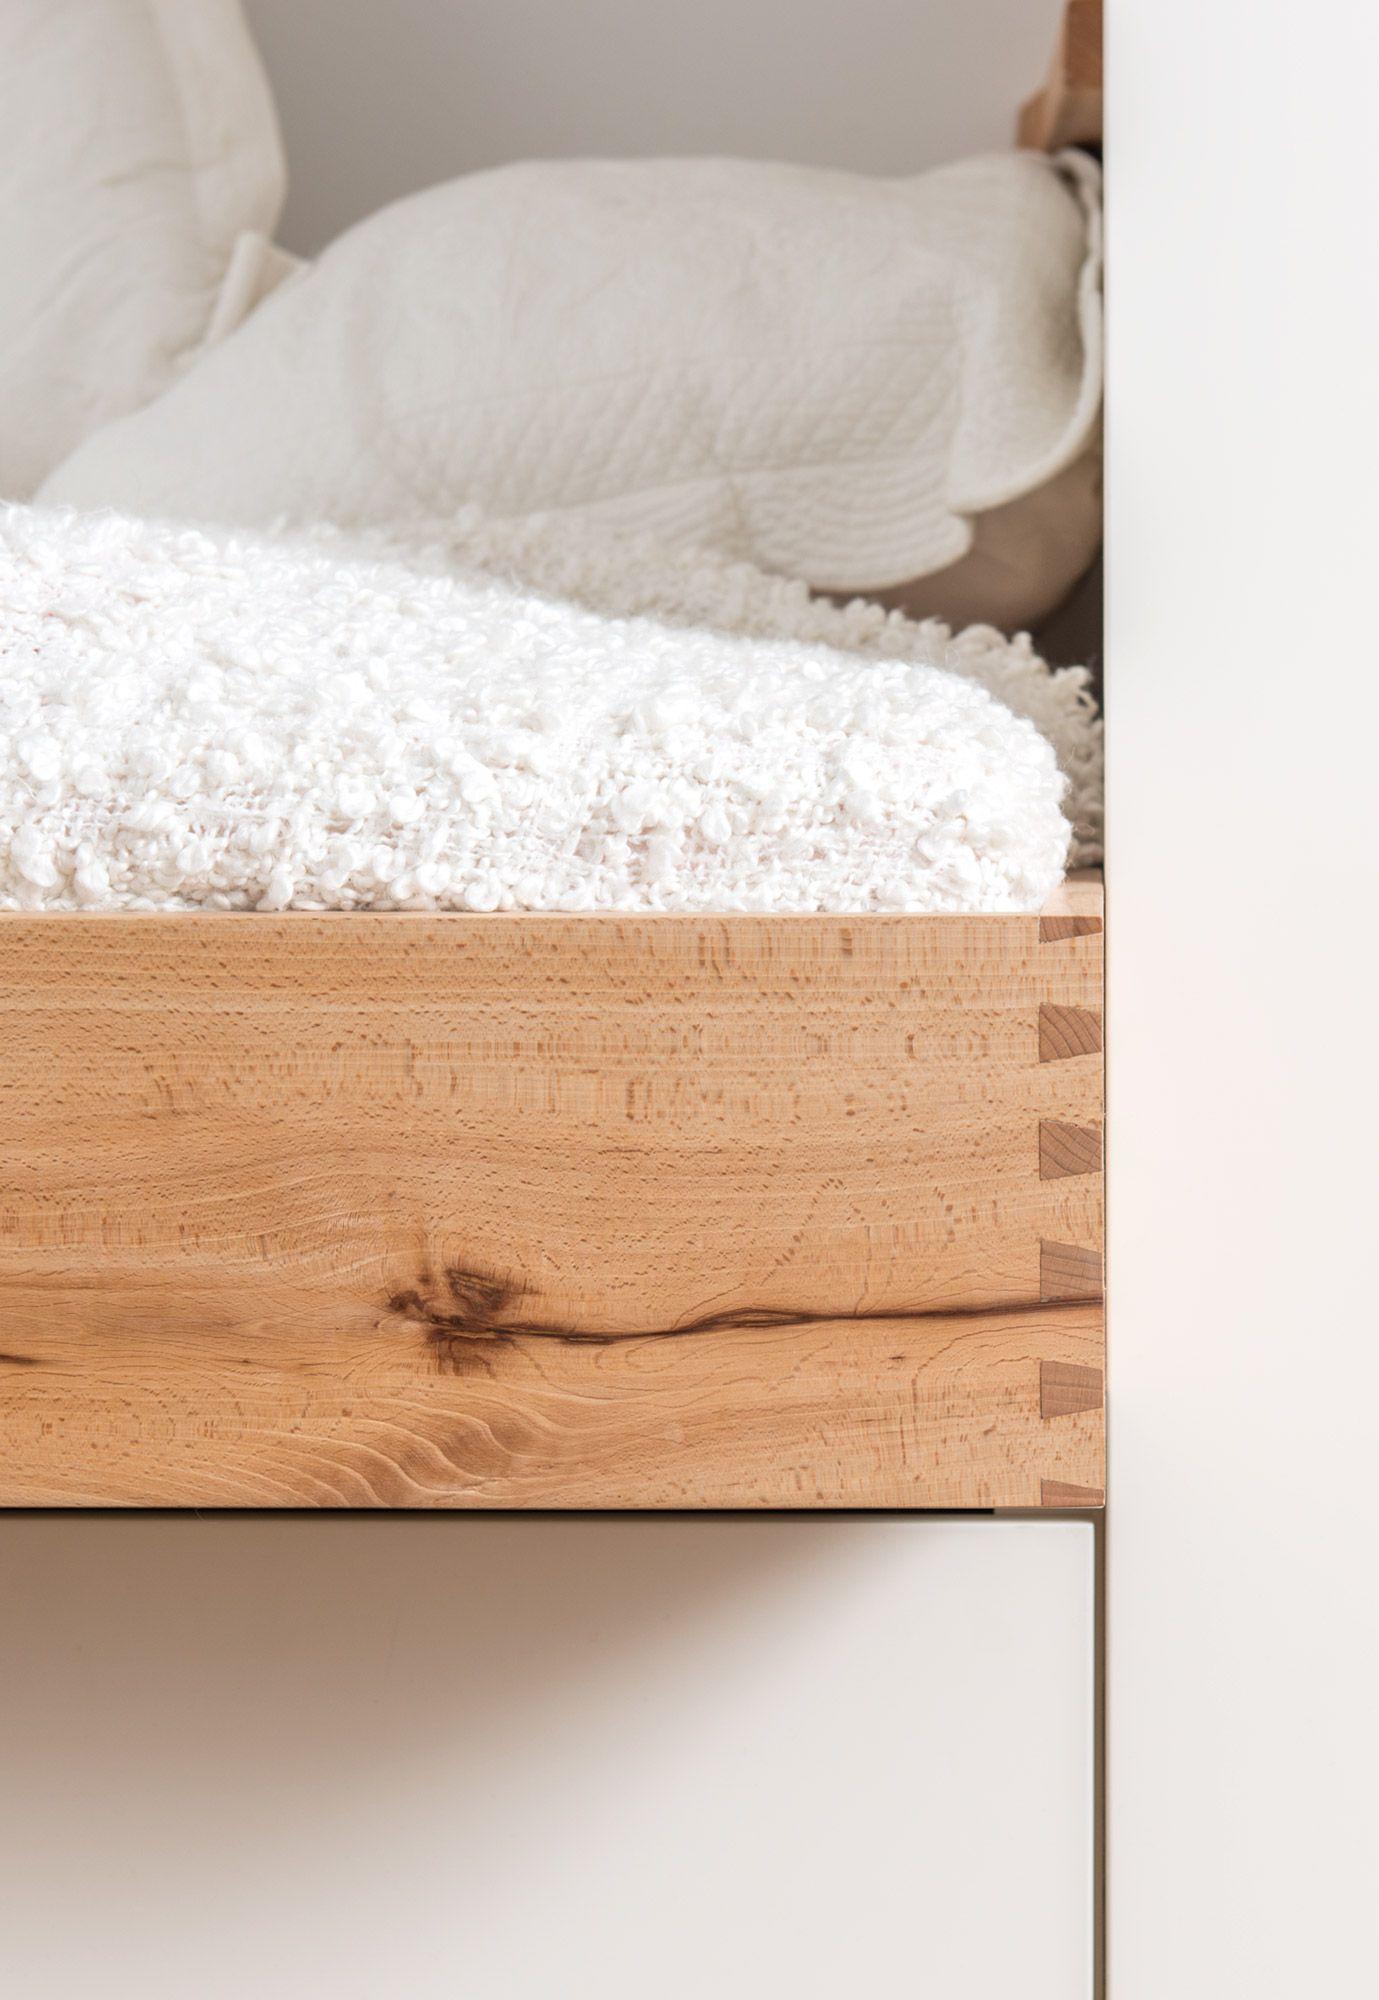 Wohnung W Und Die Bergbuche Vom Sonntagshorn Design Www Ifub De Foto Www Thomasstraub De Mit Bildern Wohnung Modernes Design Holz